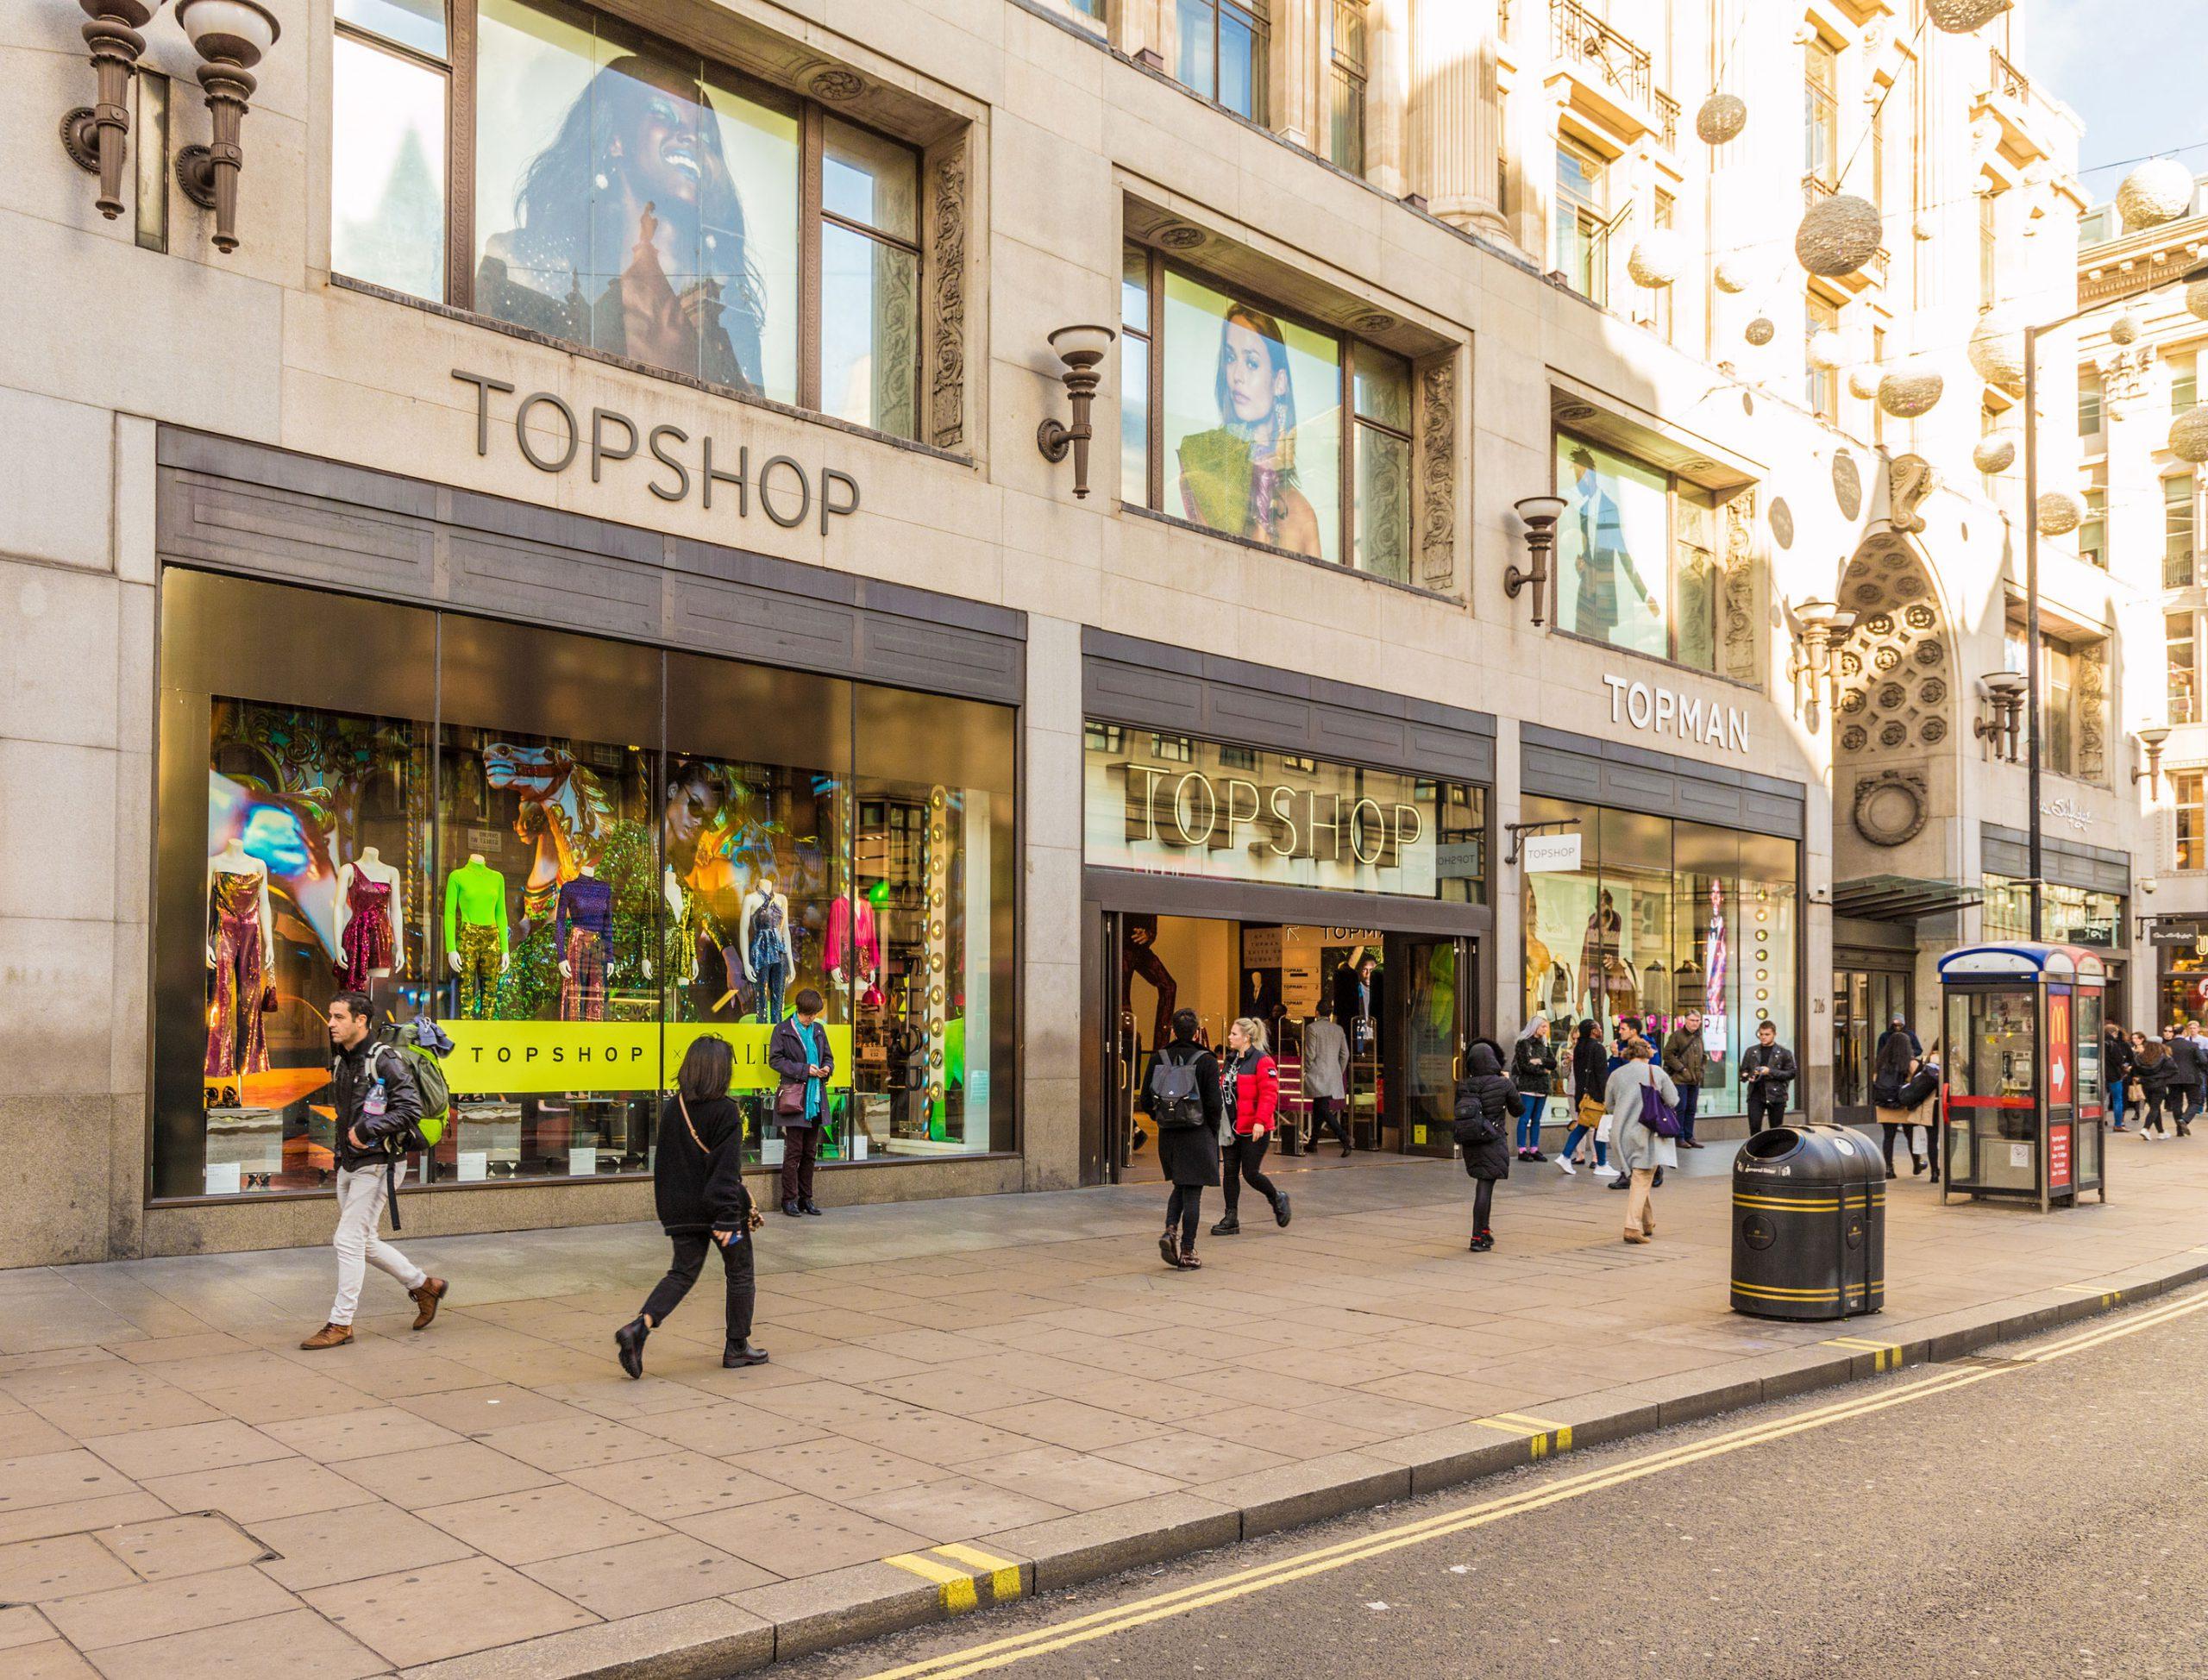 Topshop London Oxfors Street butikk shopping